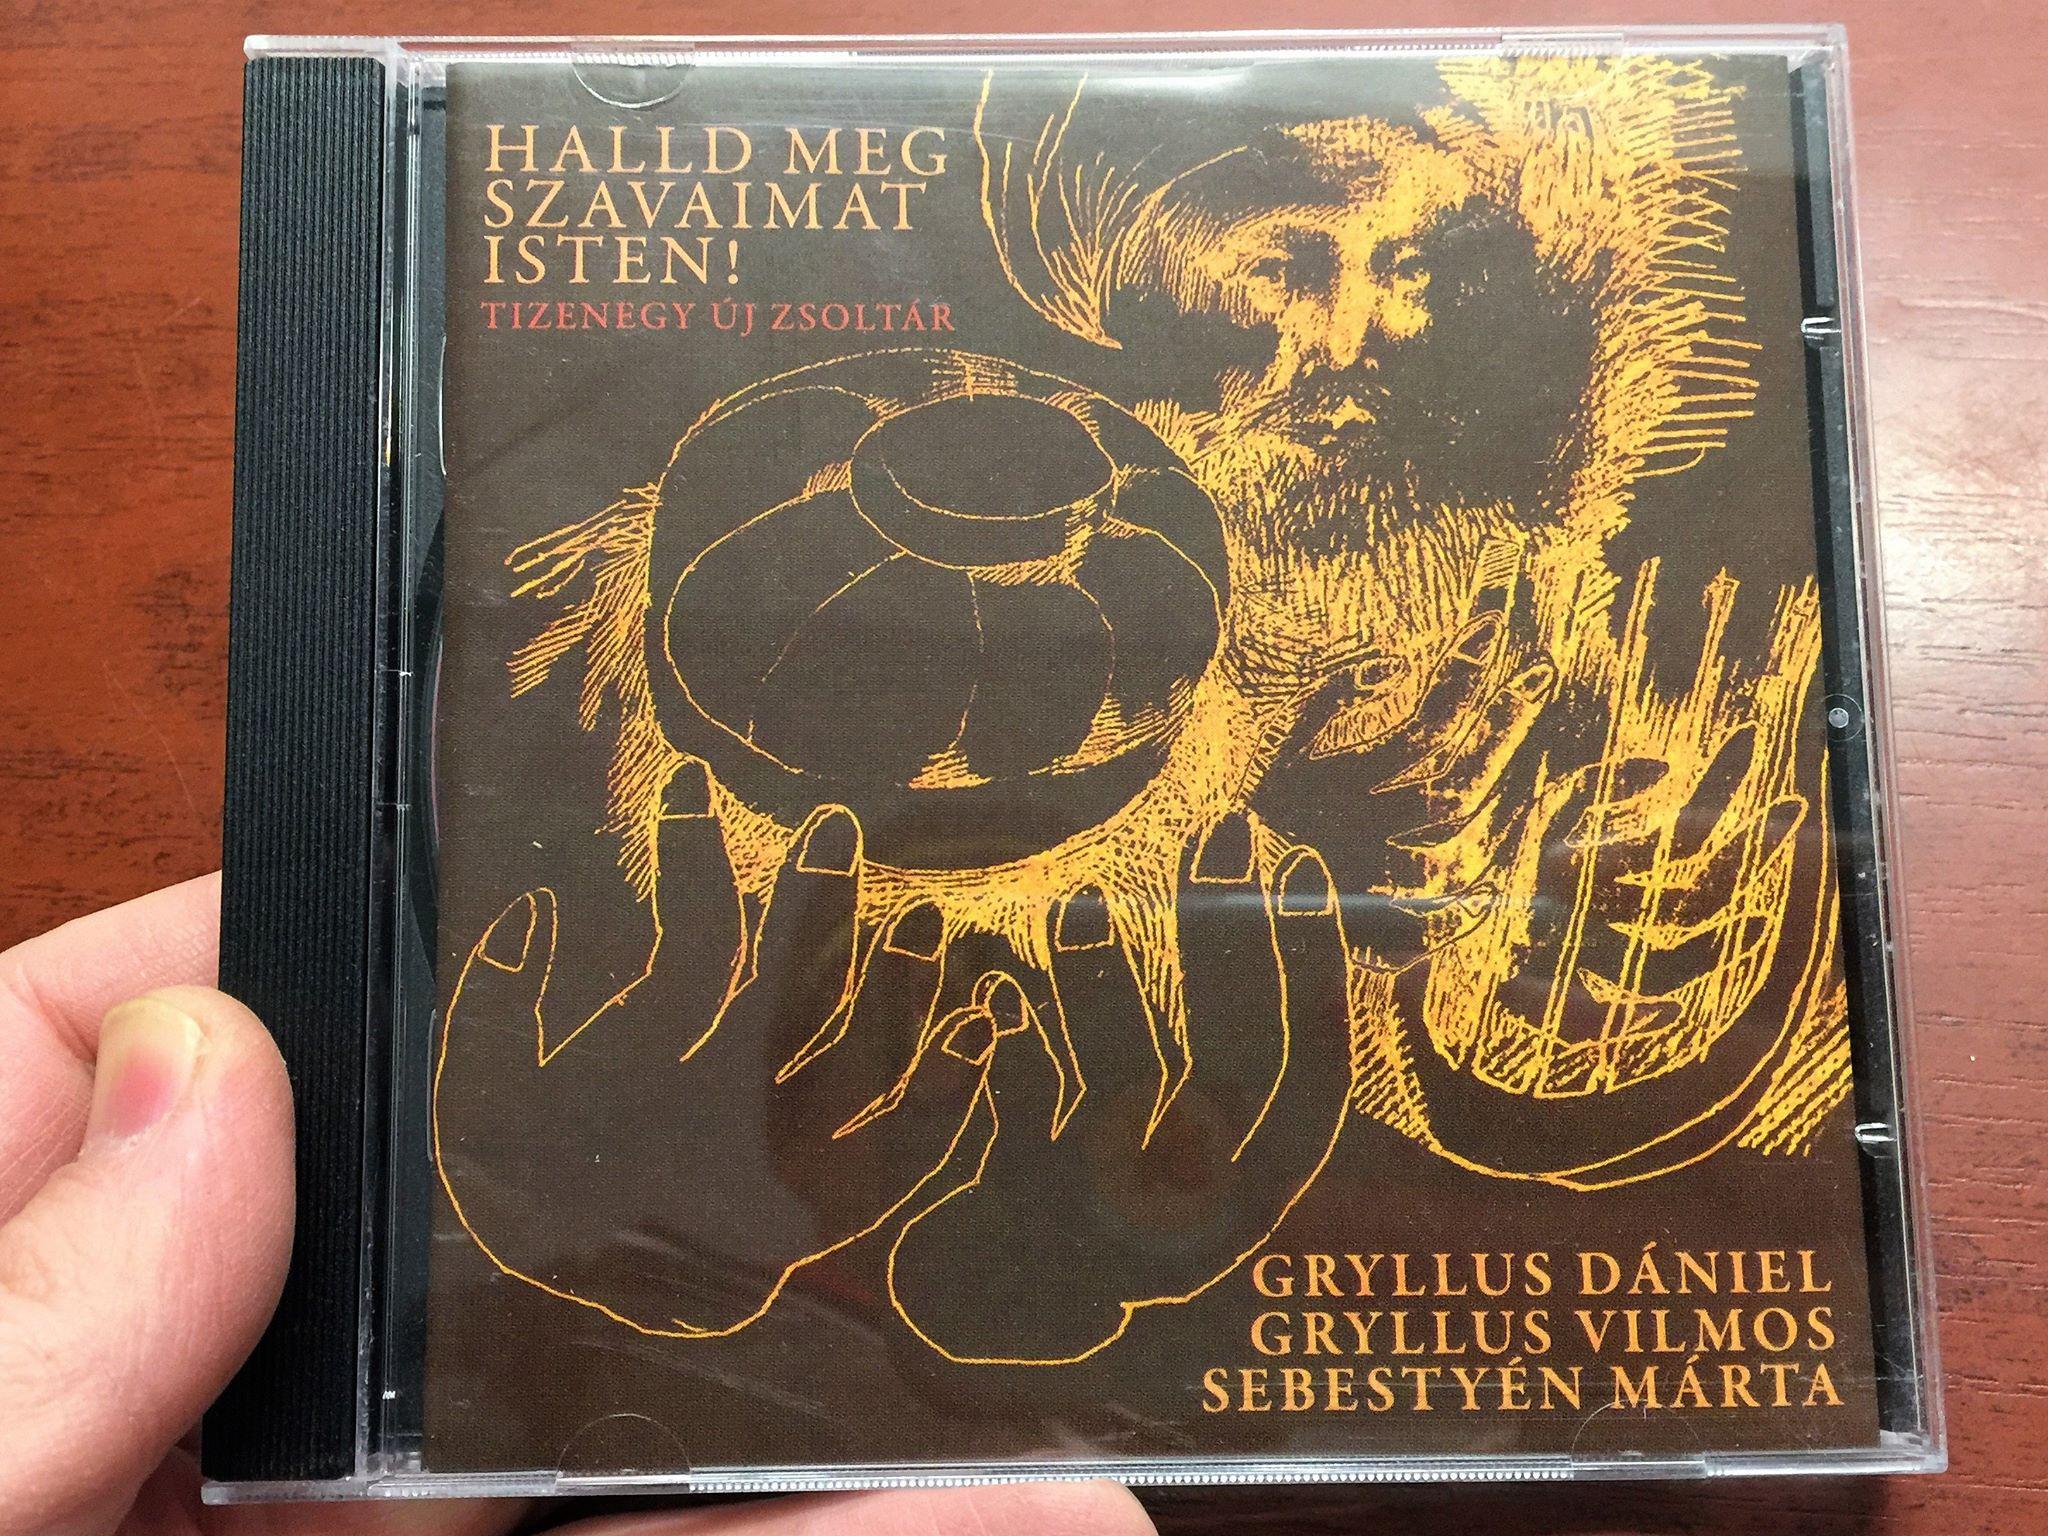 halld-meg-szavaimat-isten-hear-my-words-god-gryllus-d-niel-sumonyi-zolt-n-sebesty-n-m-rta-hungarian-cd-2010-tizenegy-j-zsolt-r-11-new-psalms-1-.jpg